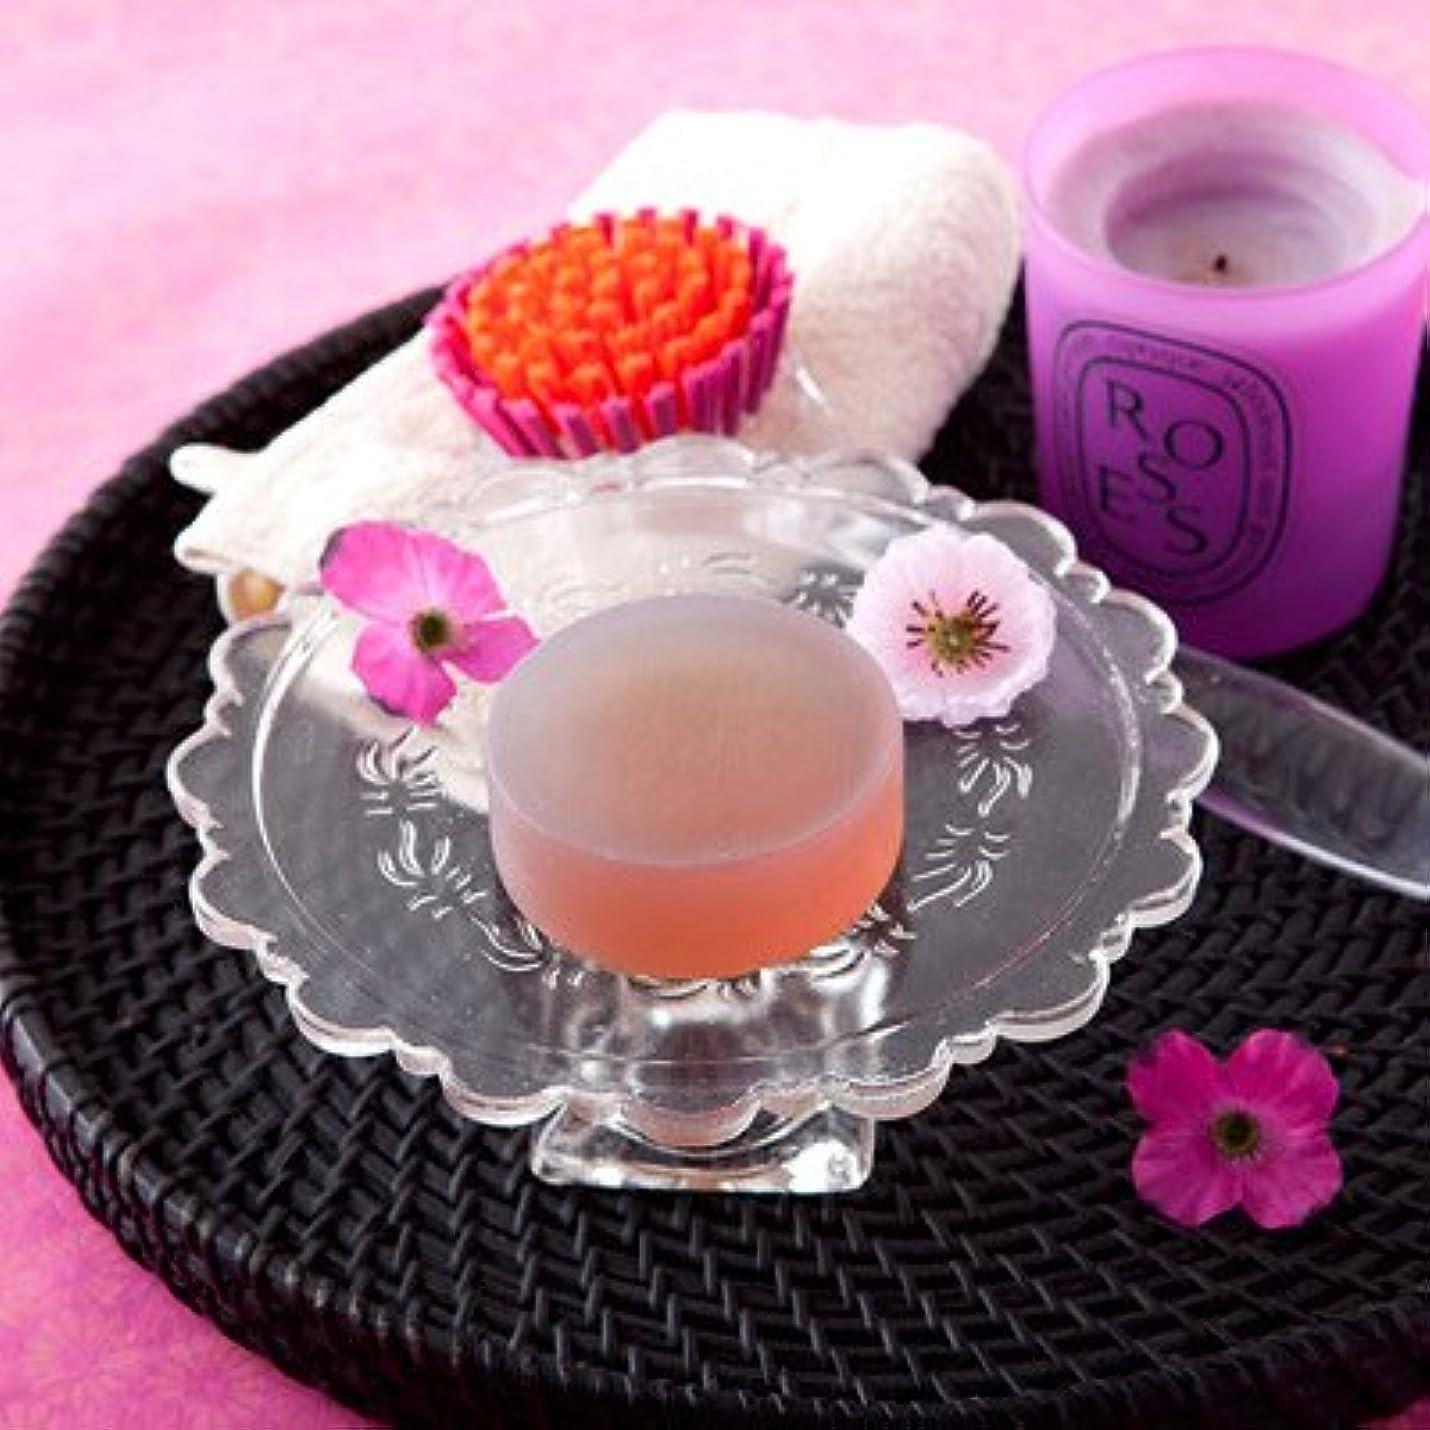 部分的に危機速いお肌の弱い方も安心なクリアソープセット ペアローザ エステソープ 紫潤(2個セット)